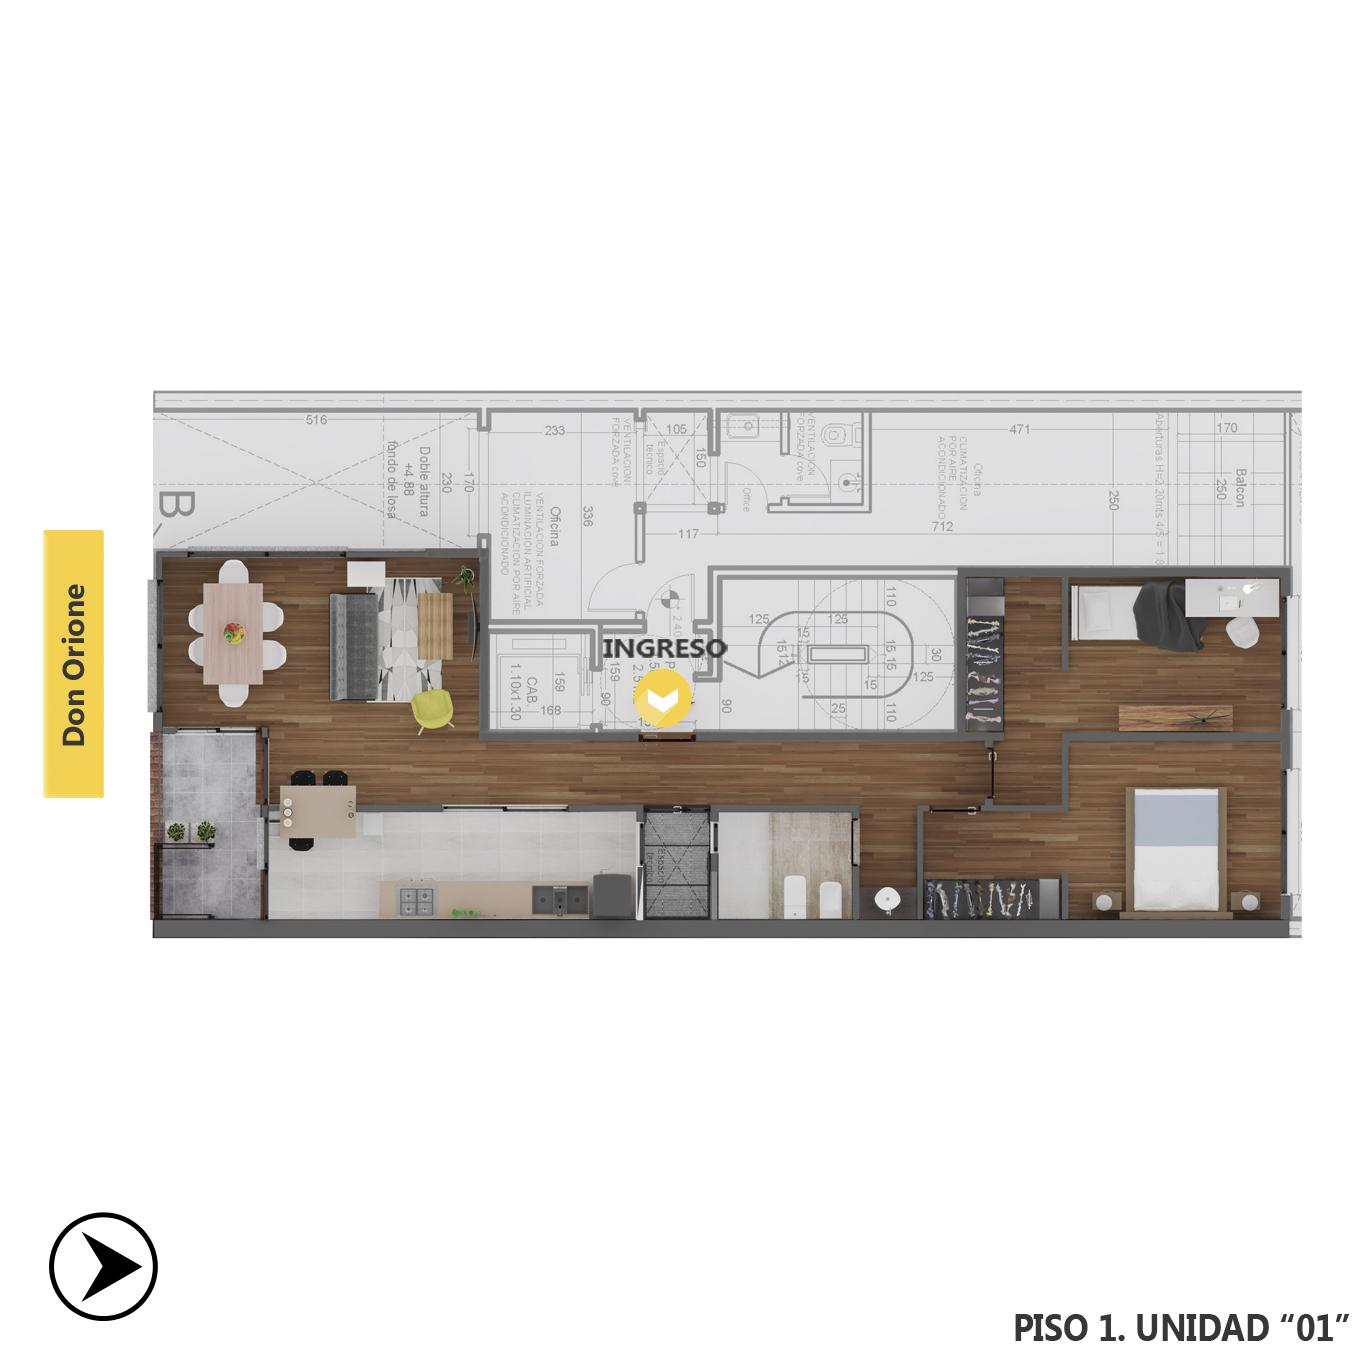 Venta departamento 2 dormitorios Rosario, Puerto Norte. Cod CBU23612 AP2219949. Crestale Propiedades